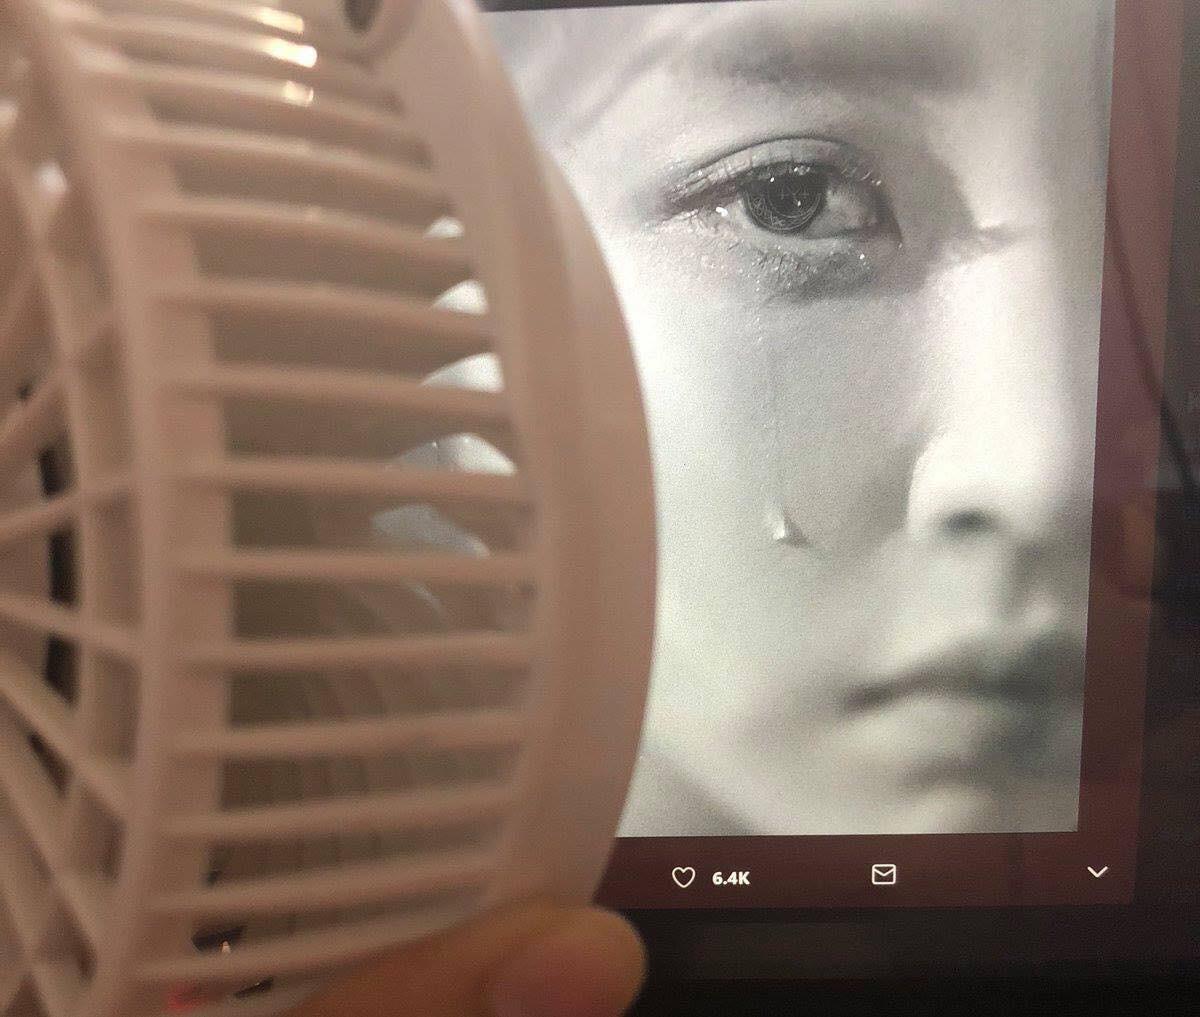 Thương idol rơi nước mắt trên ảnh bìa, fan của MAMAMOO lấy hẳn tiền, xô chậu để hong khô dòng lệ - Ảnh 9.